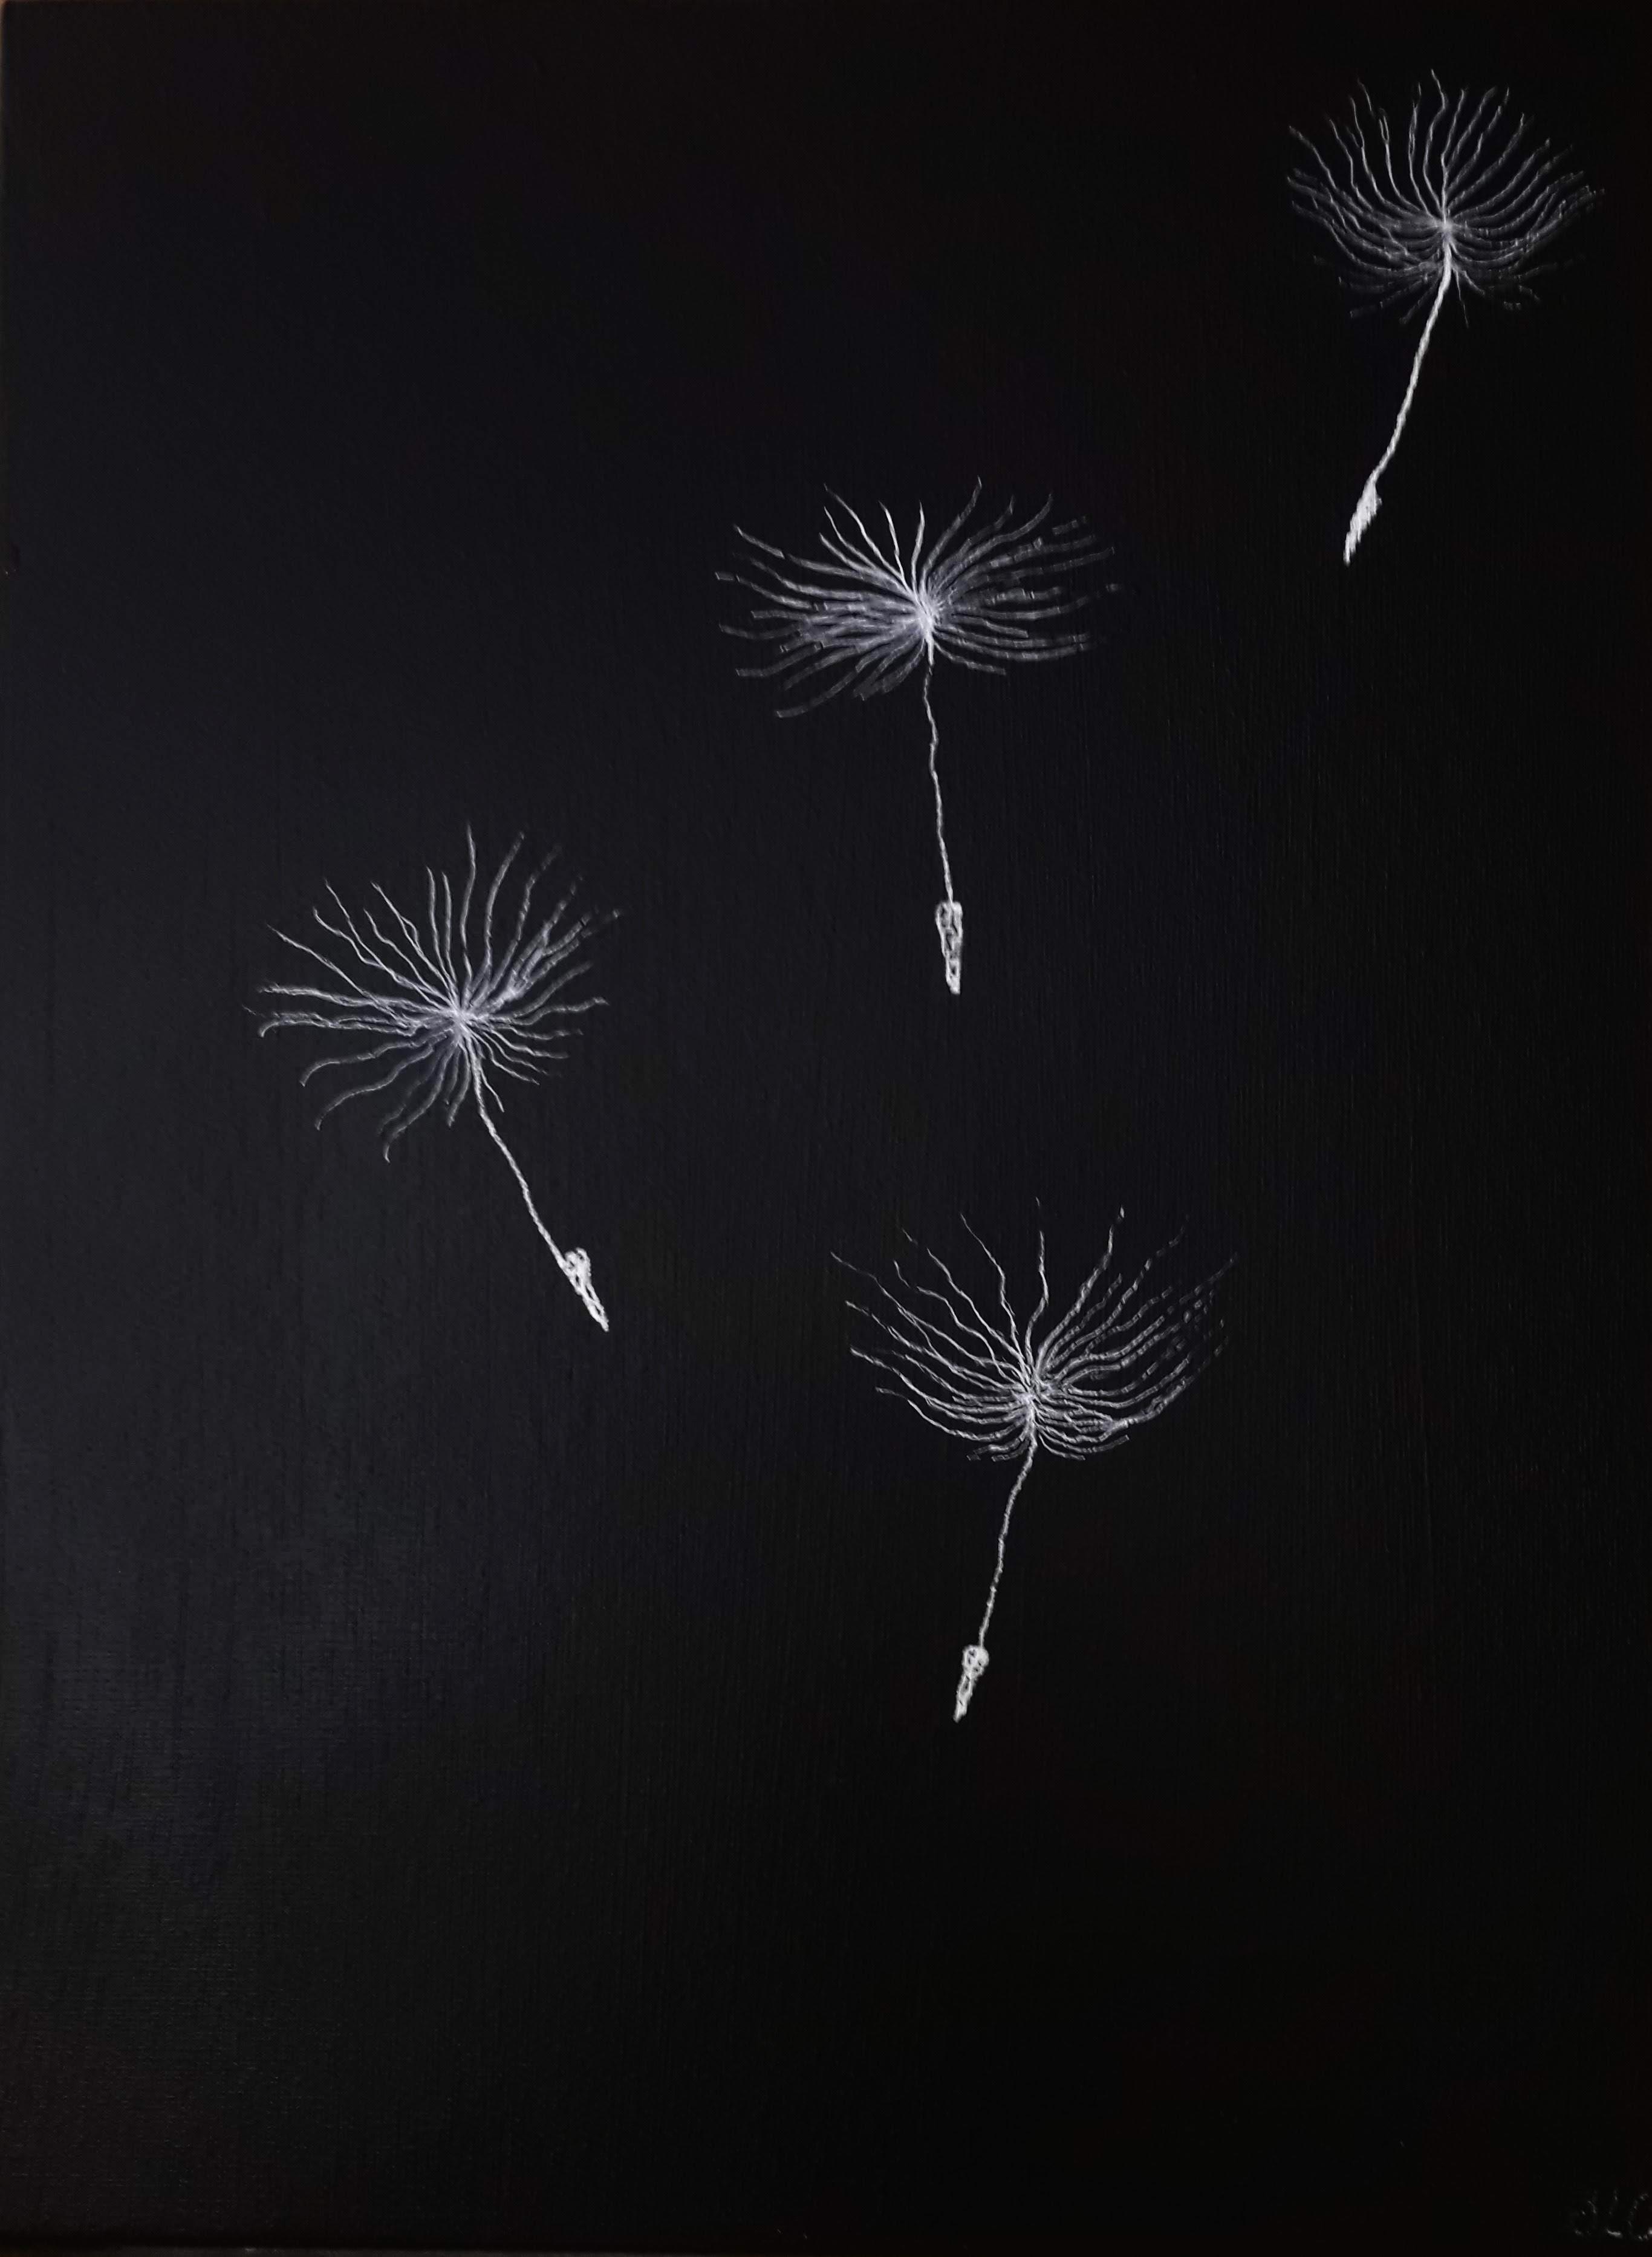 Dandelions #3